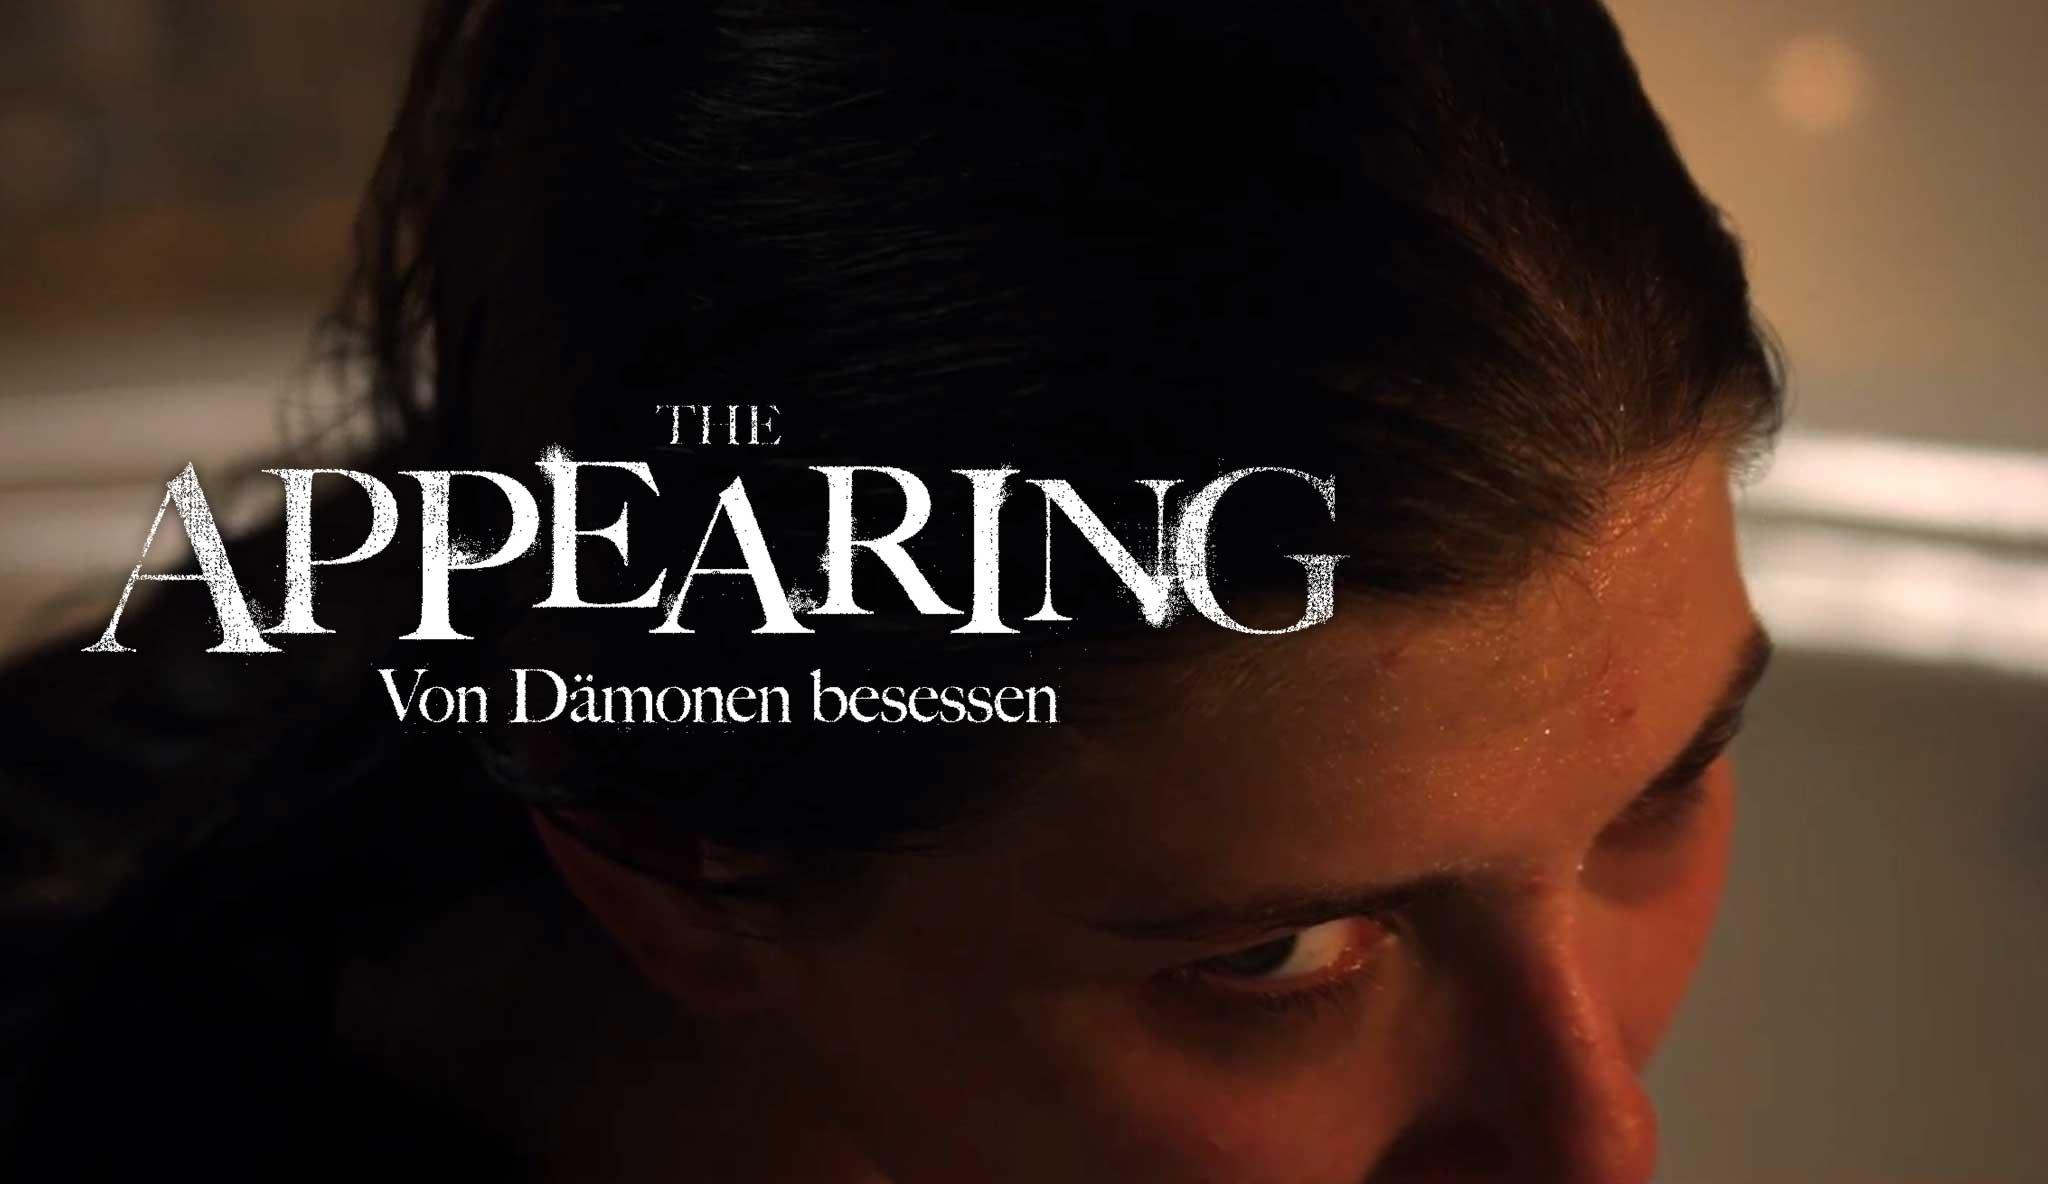 the-appearing-von-damonen-besessen\header.jpg